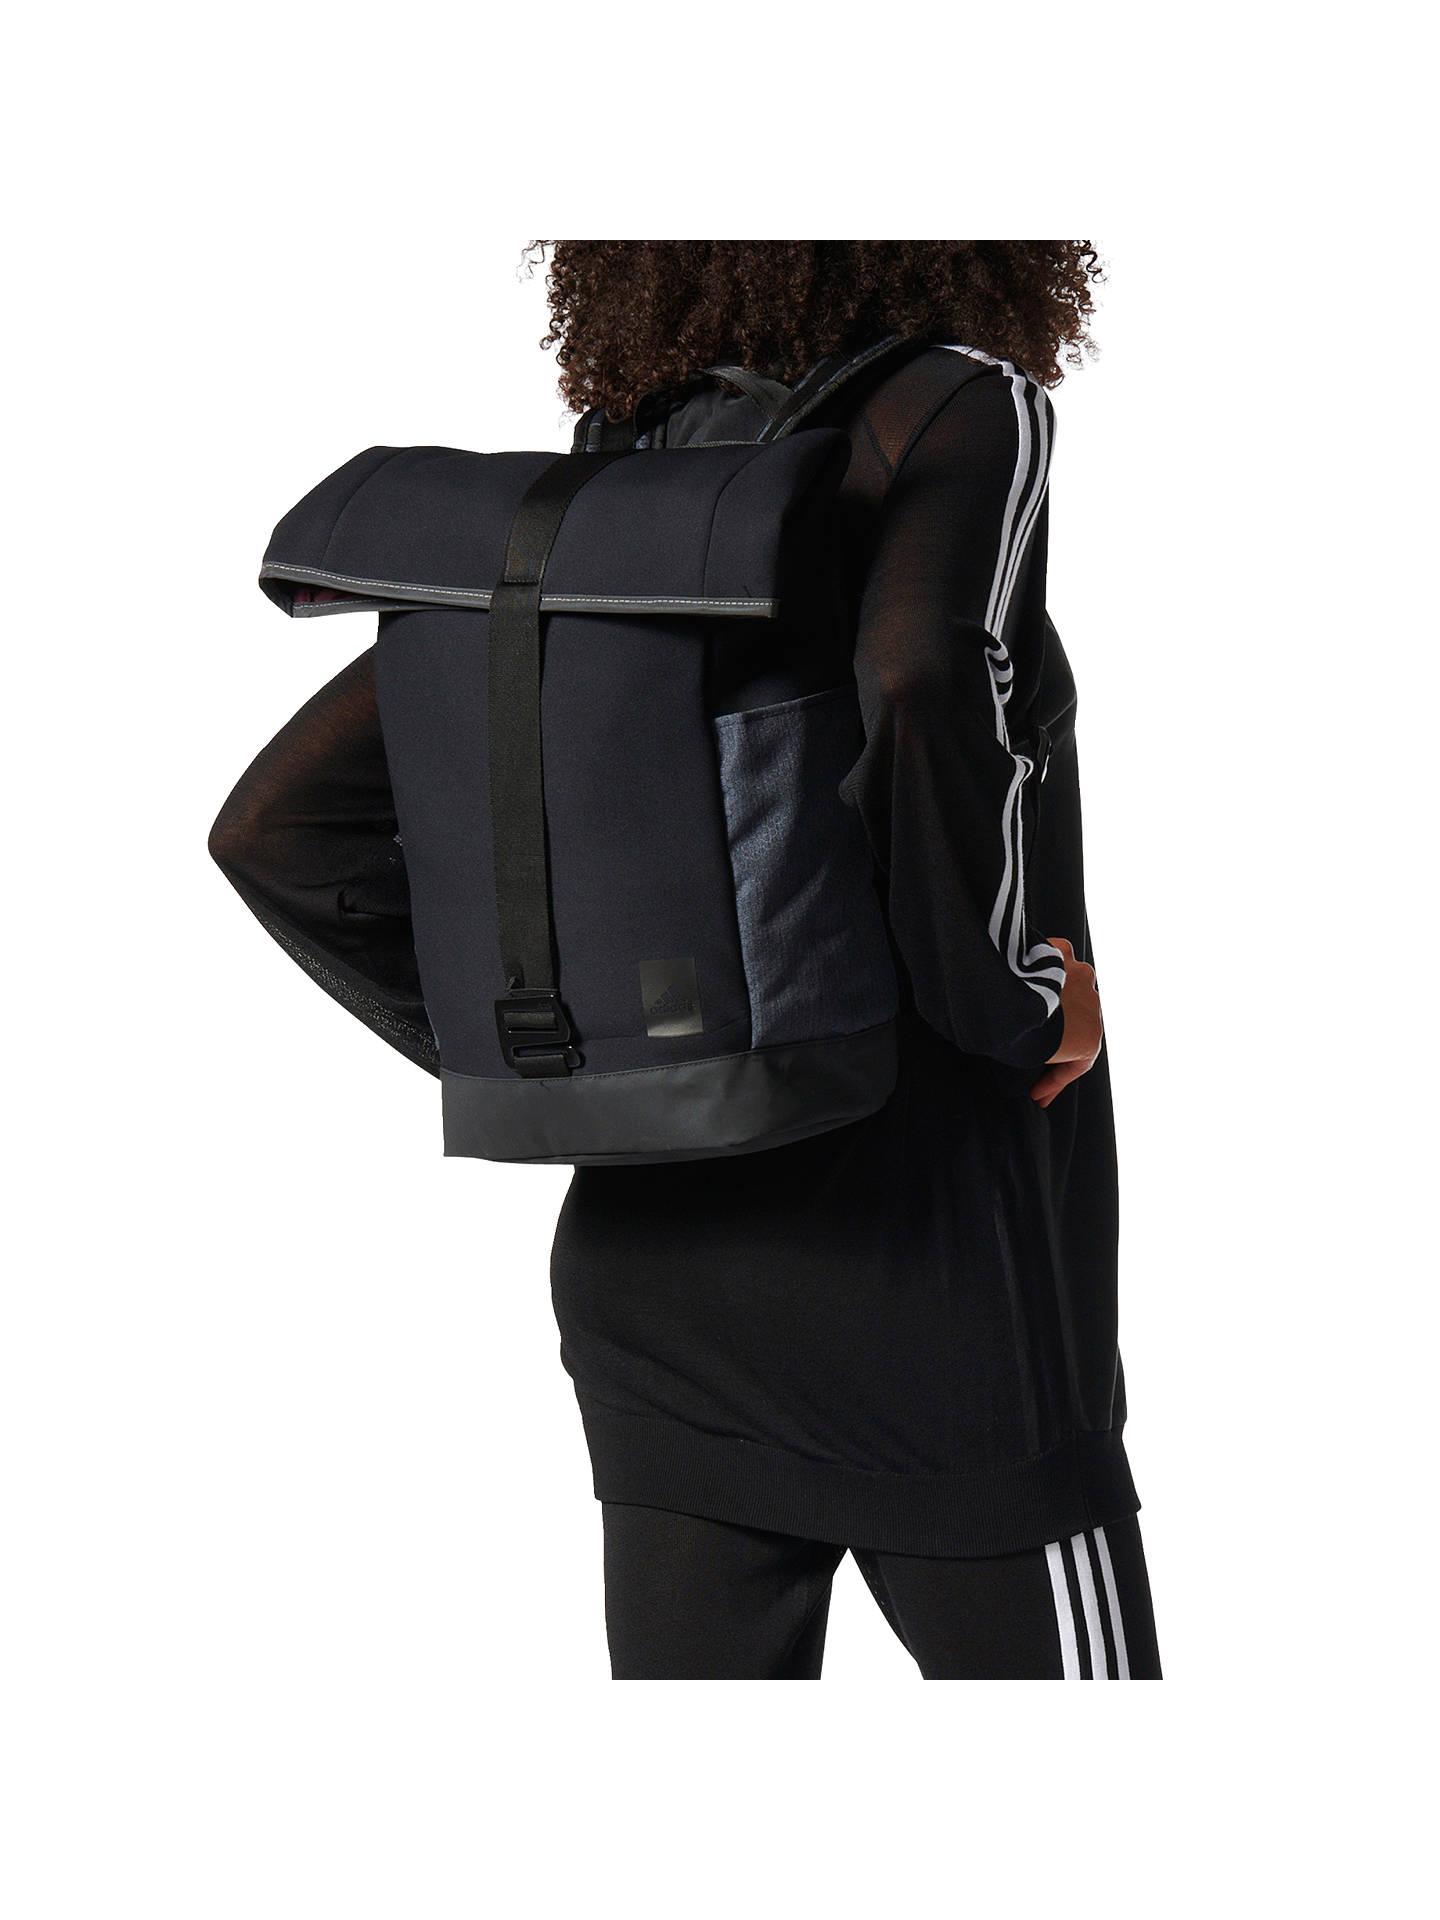 e7bb6235ce7 ... Buy adidas Best Backpack Bag, Black Online at johnlewis.com